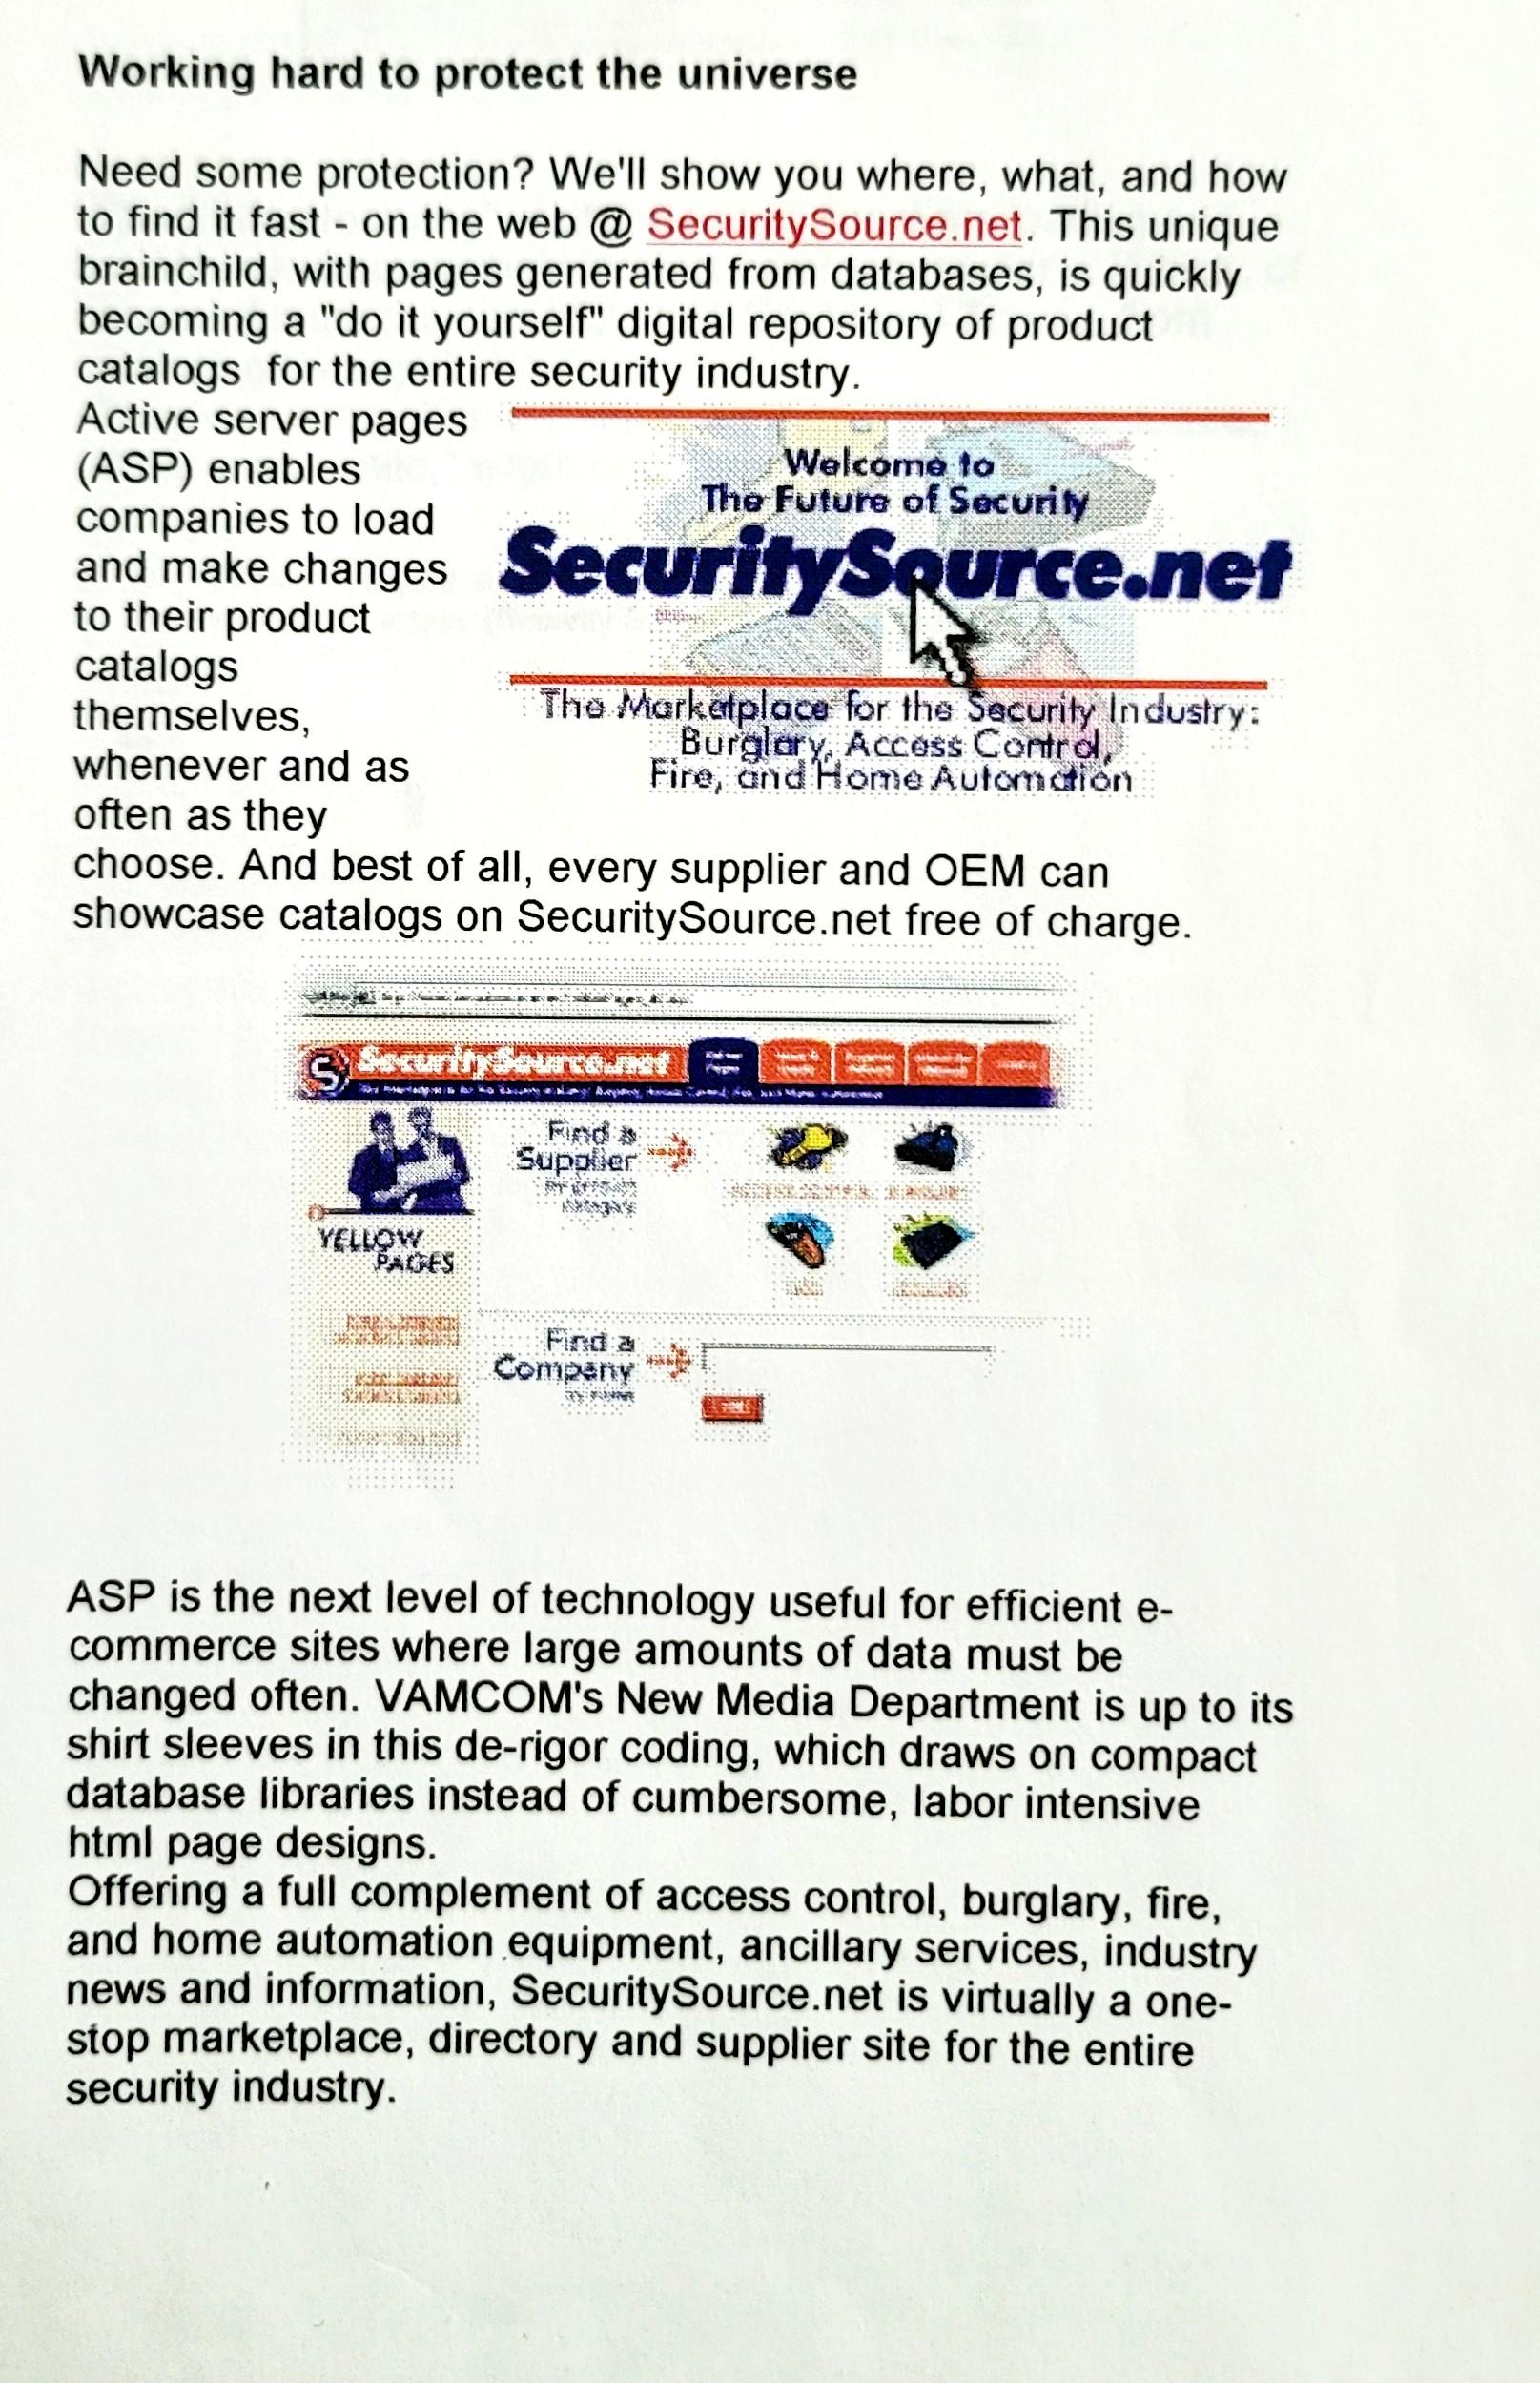 snet_securitysource_banner_18